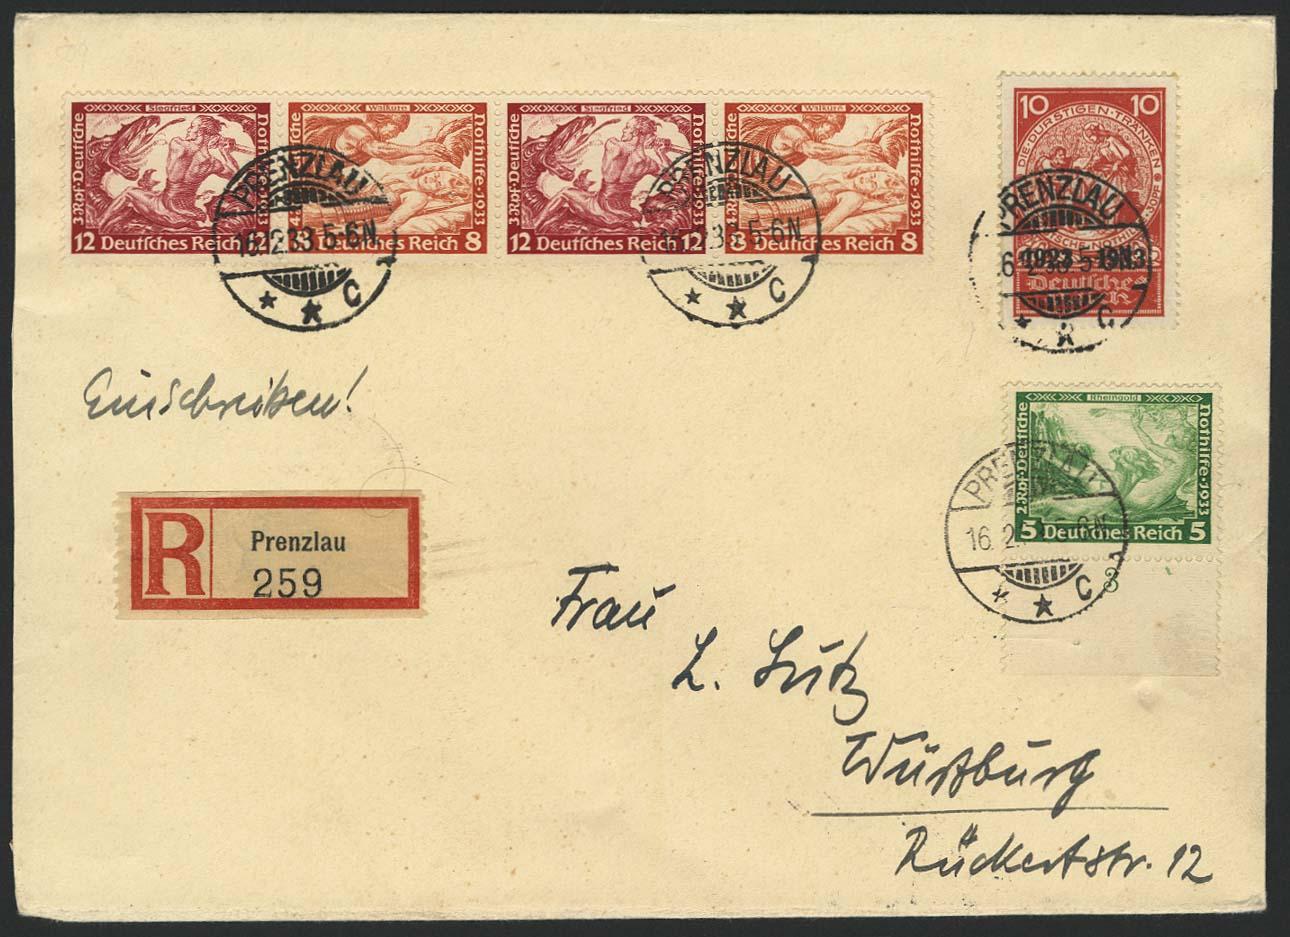 Lot 5790 - Deutsches Reich drittes reich -  Auktionshaus Ulrich Felzmann GmbH & Co. KG